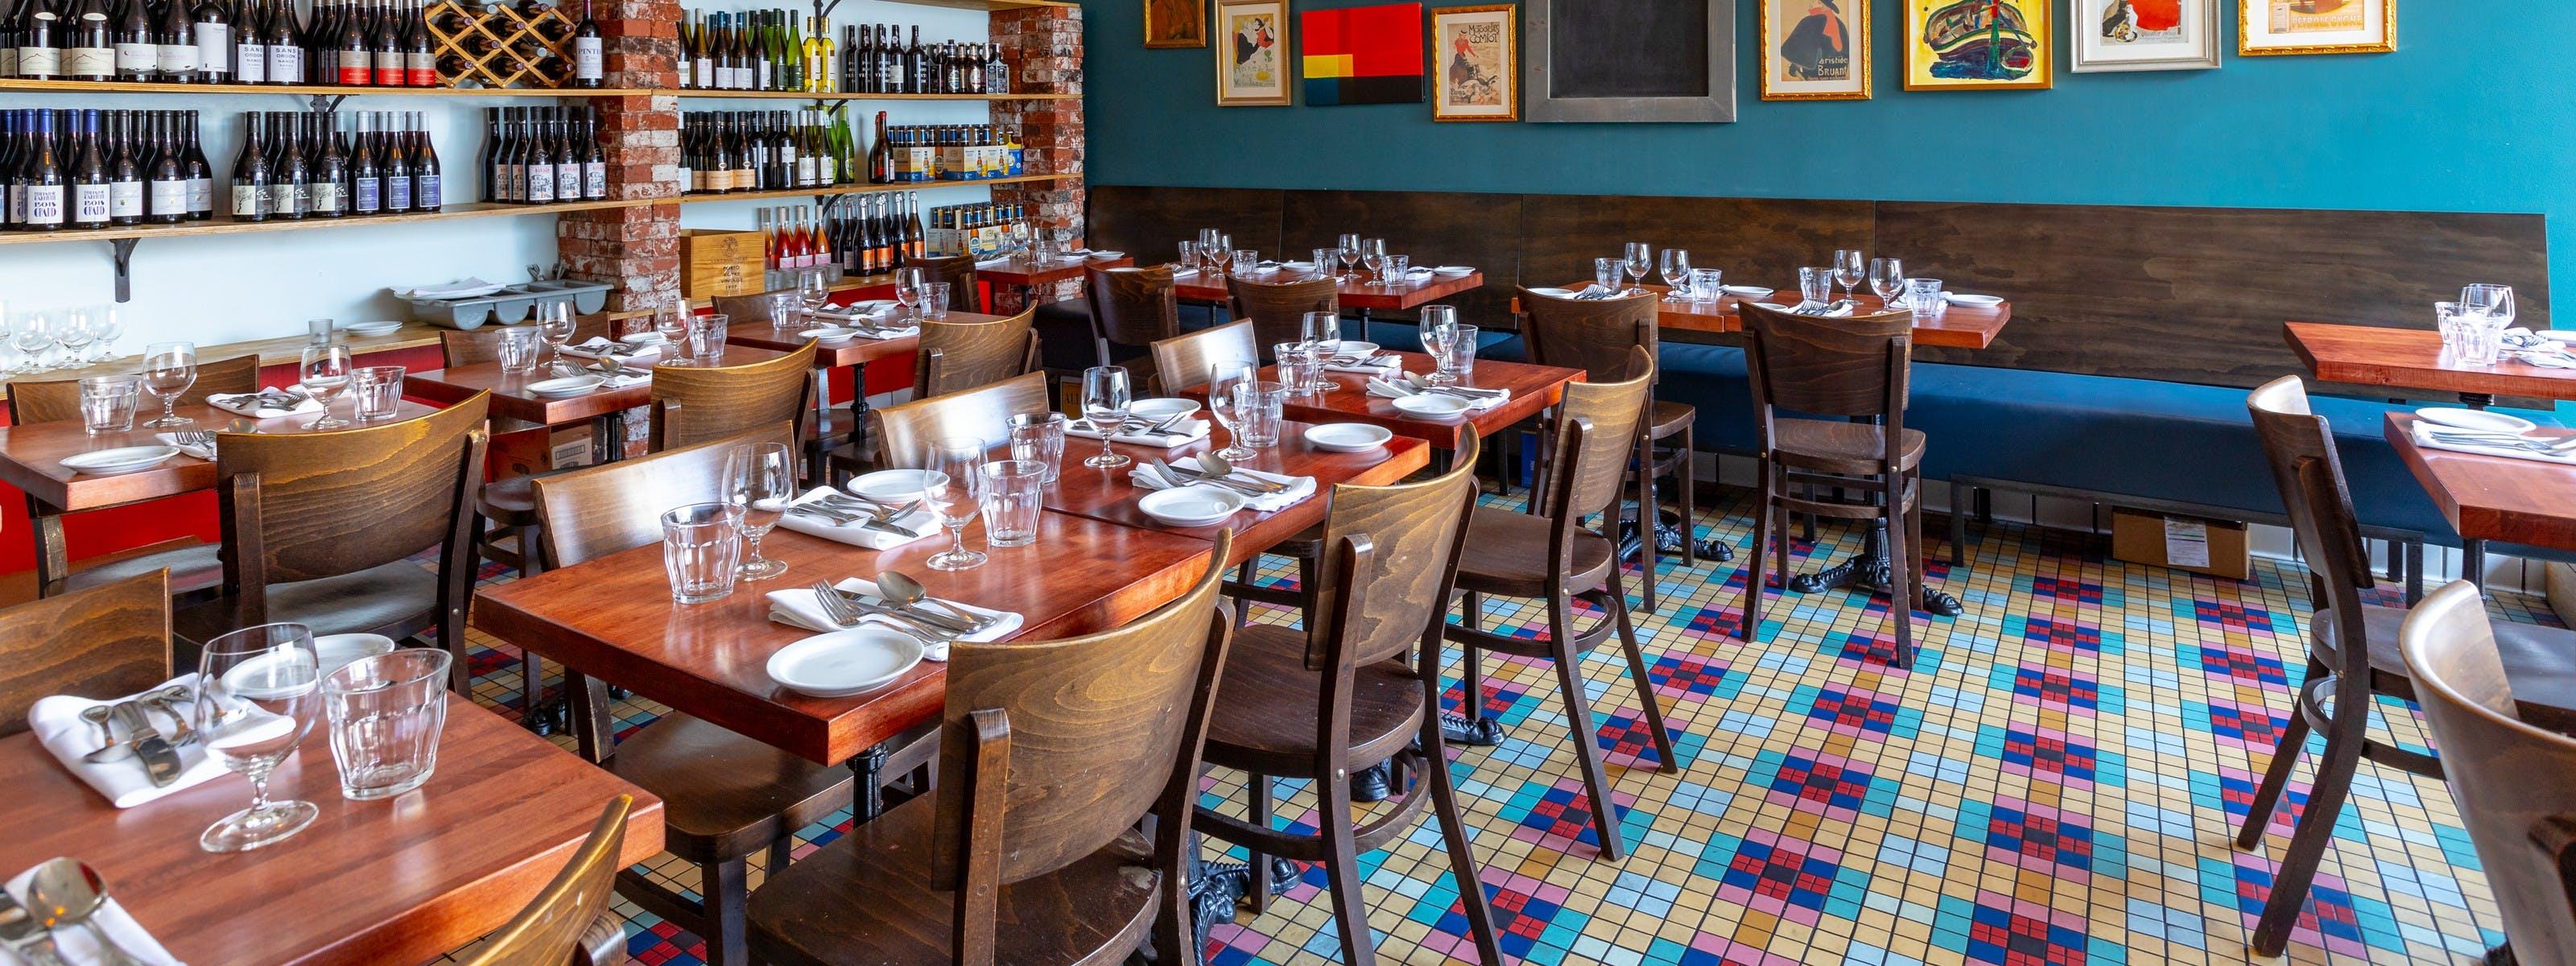 thiết kế nhà hàng bistro đẹp